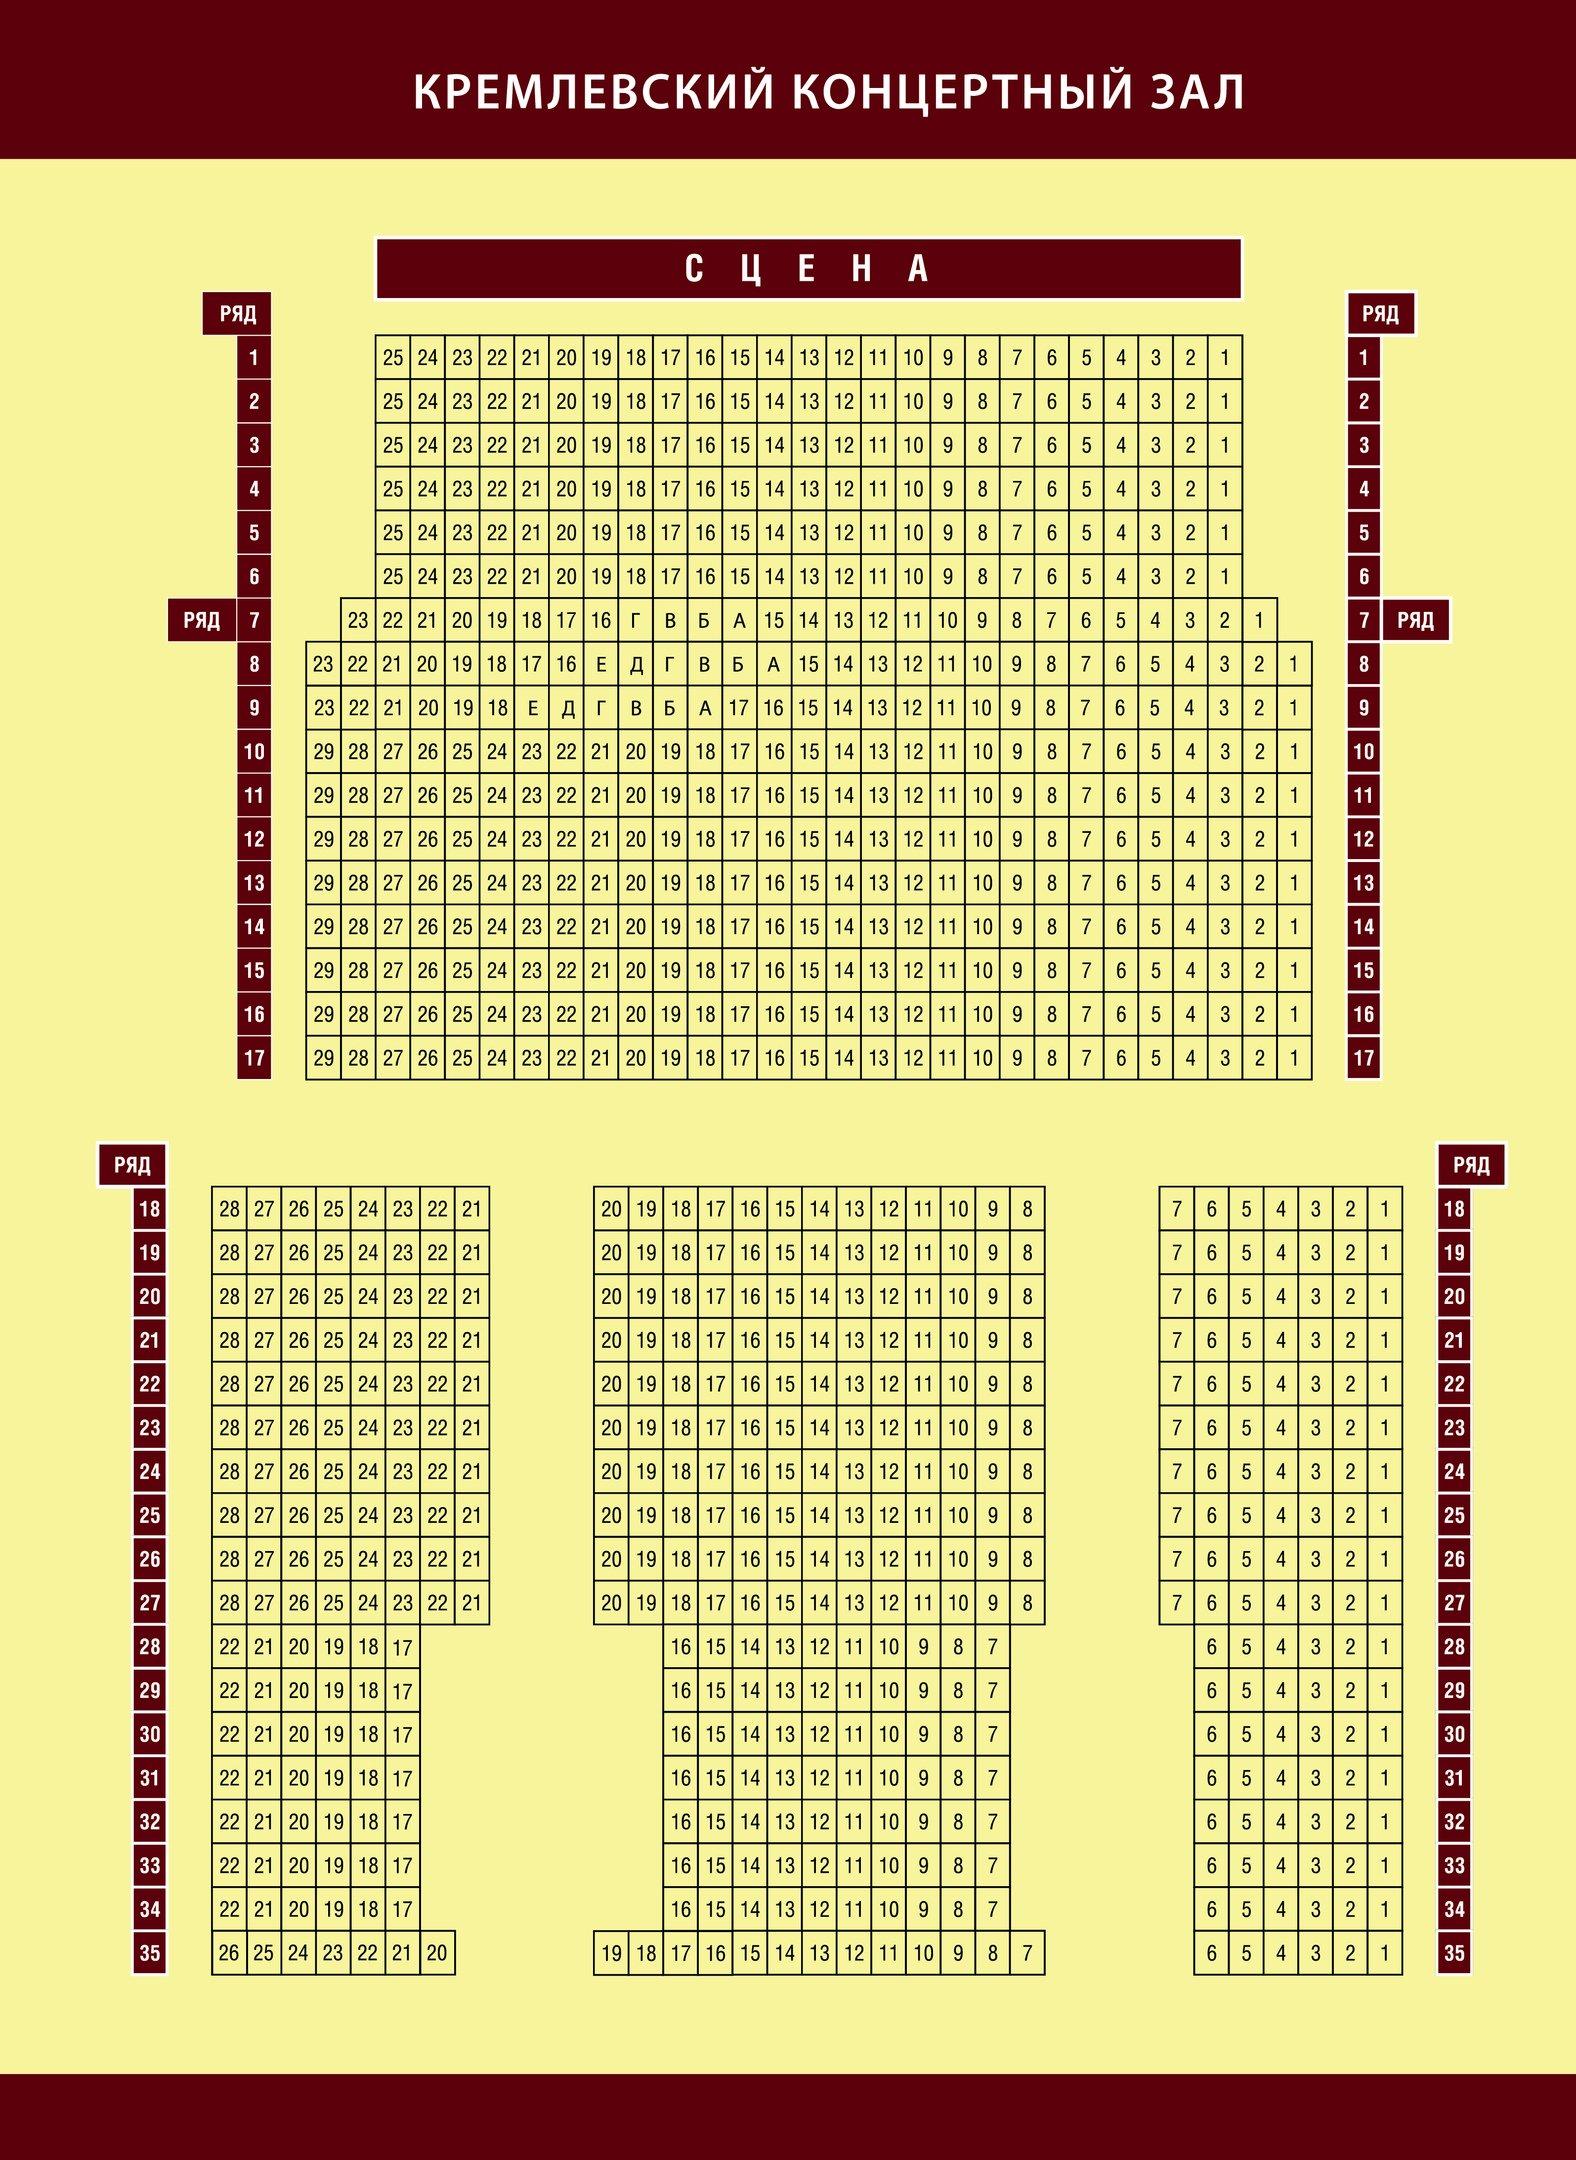 Схема зала Кремлевский концертный зал (Нижний Новгород)